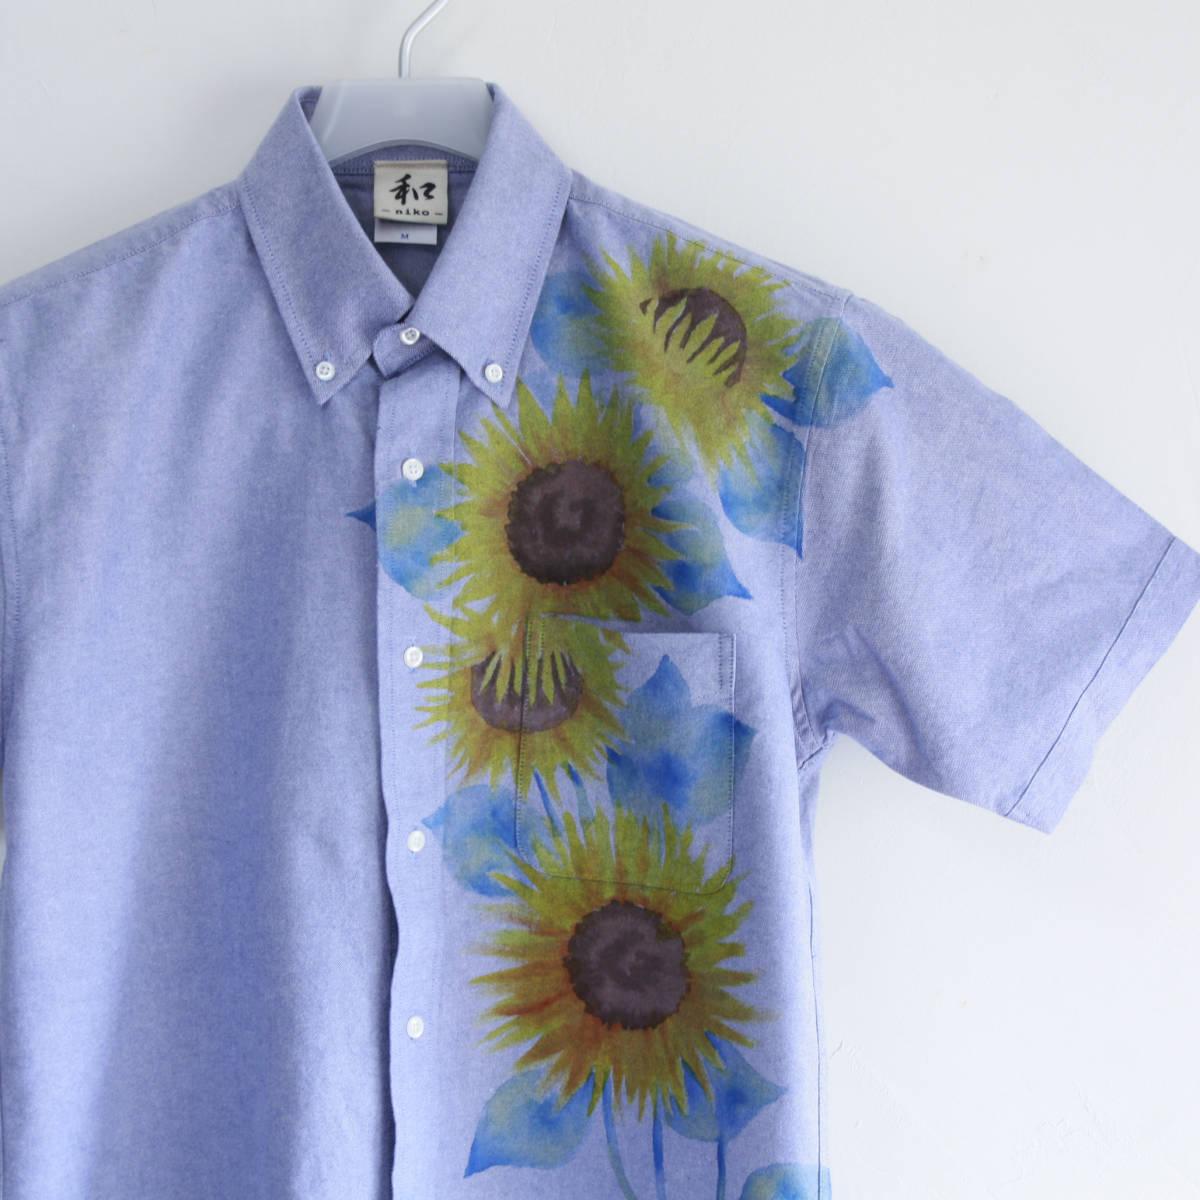 ひまわり柄 Mサイズ 手描き半袖ボタンダウンシャツ メンズ オックスフォードシャツ カジュアルシャツ 花柄